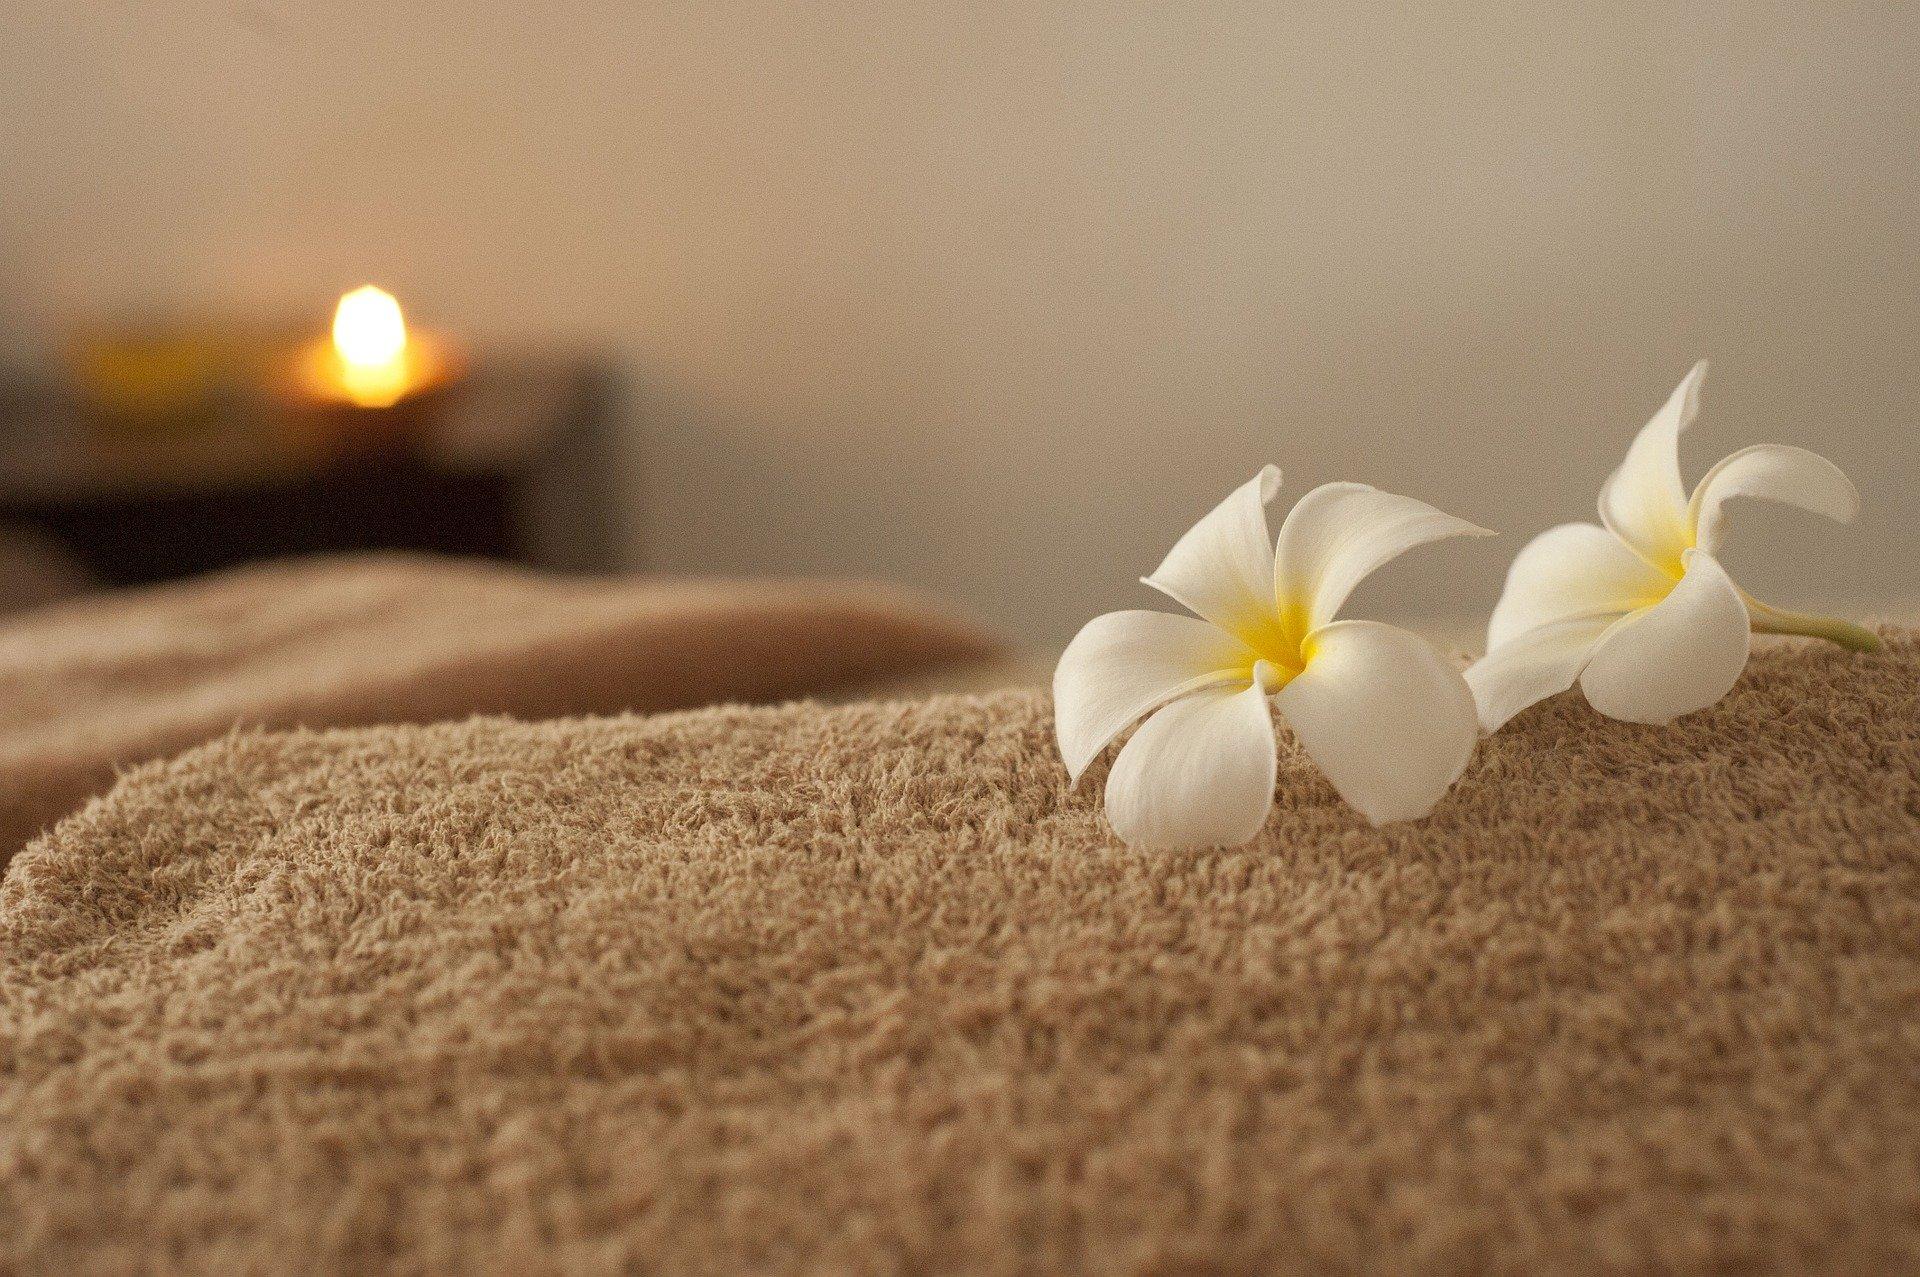 2021-04-26 Pixabay relaxation-guiseppeblu 686392_1920